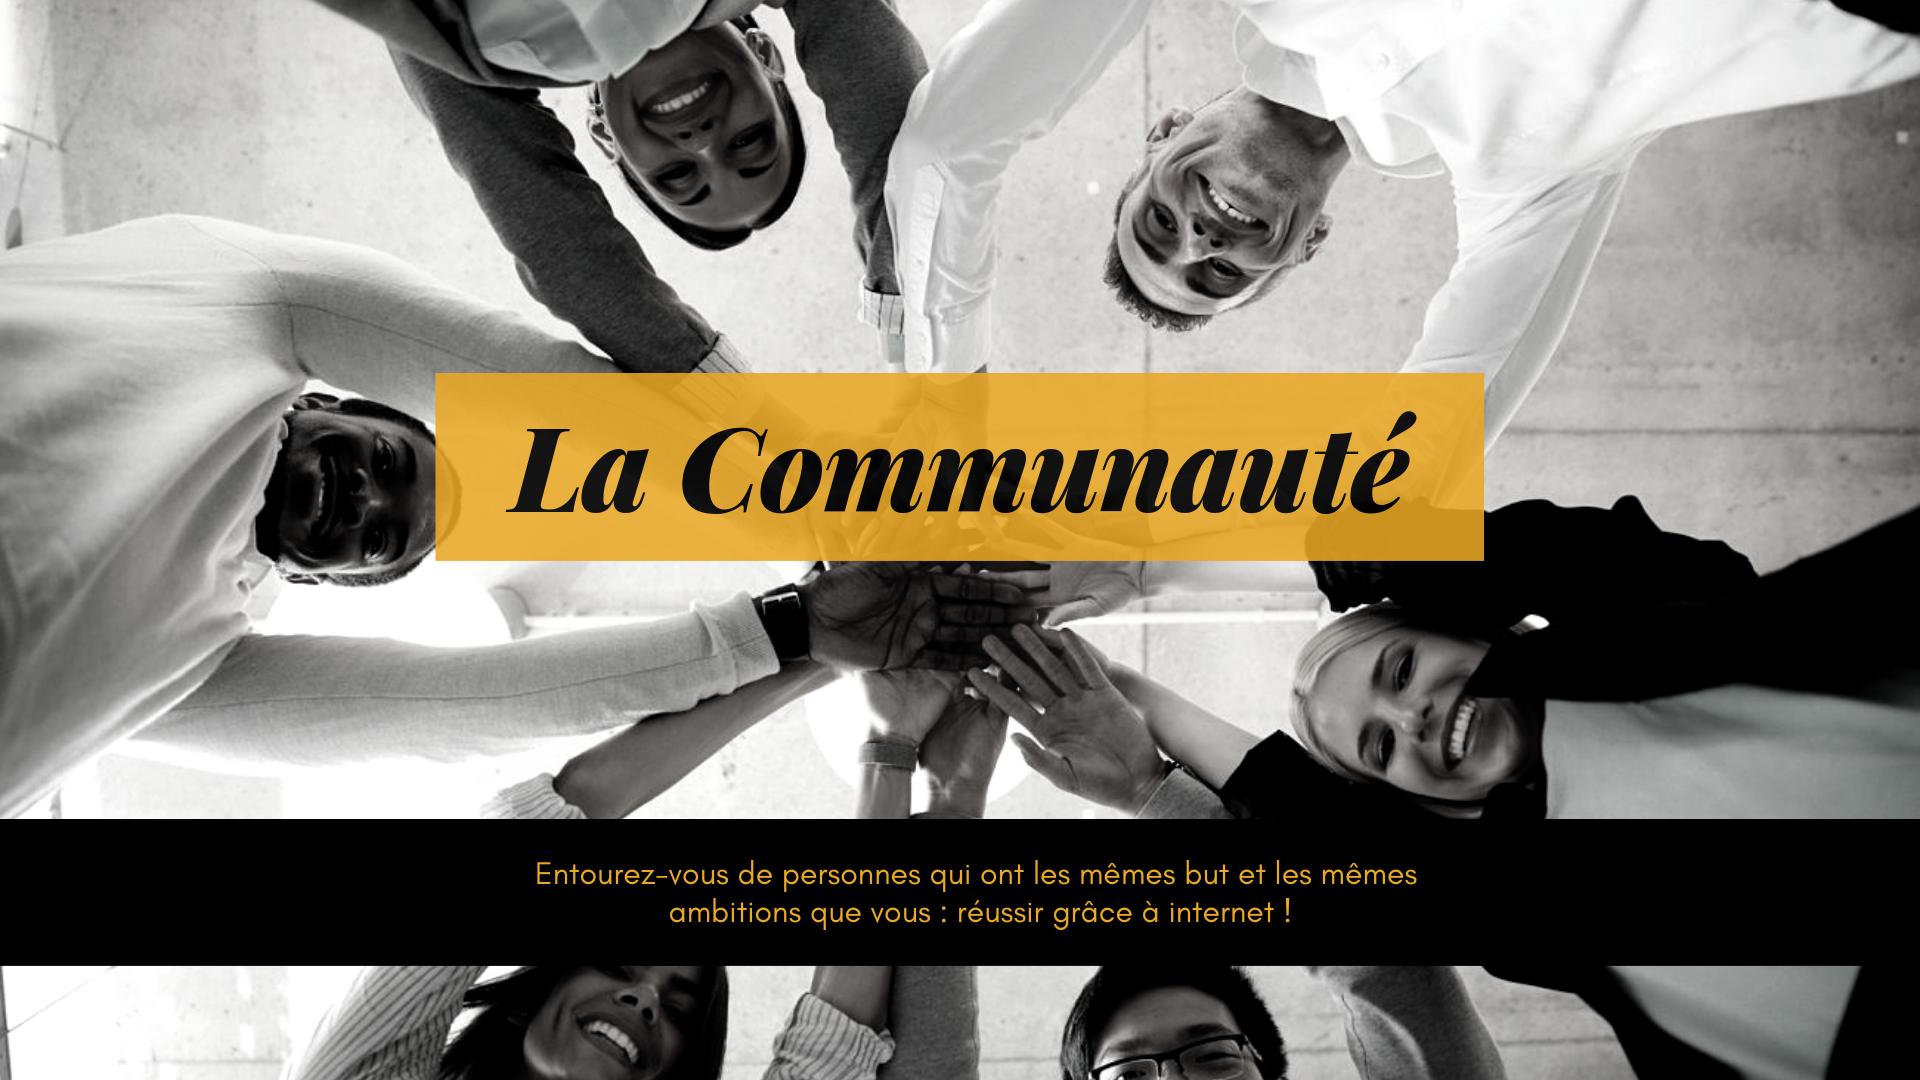 isy cathala personal branding internet stratégiste rejoingnez la communauté des ambitieux du web